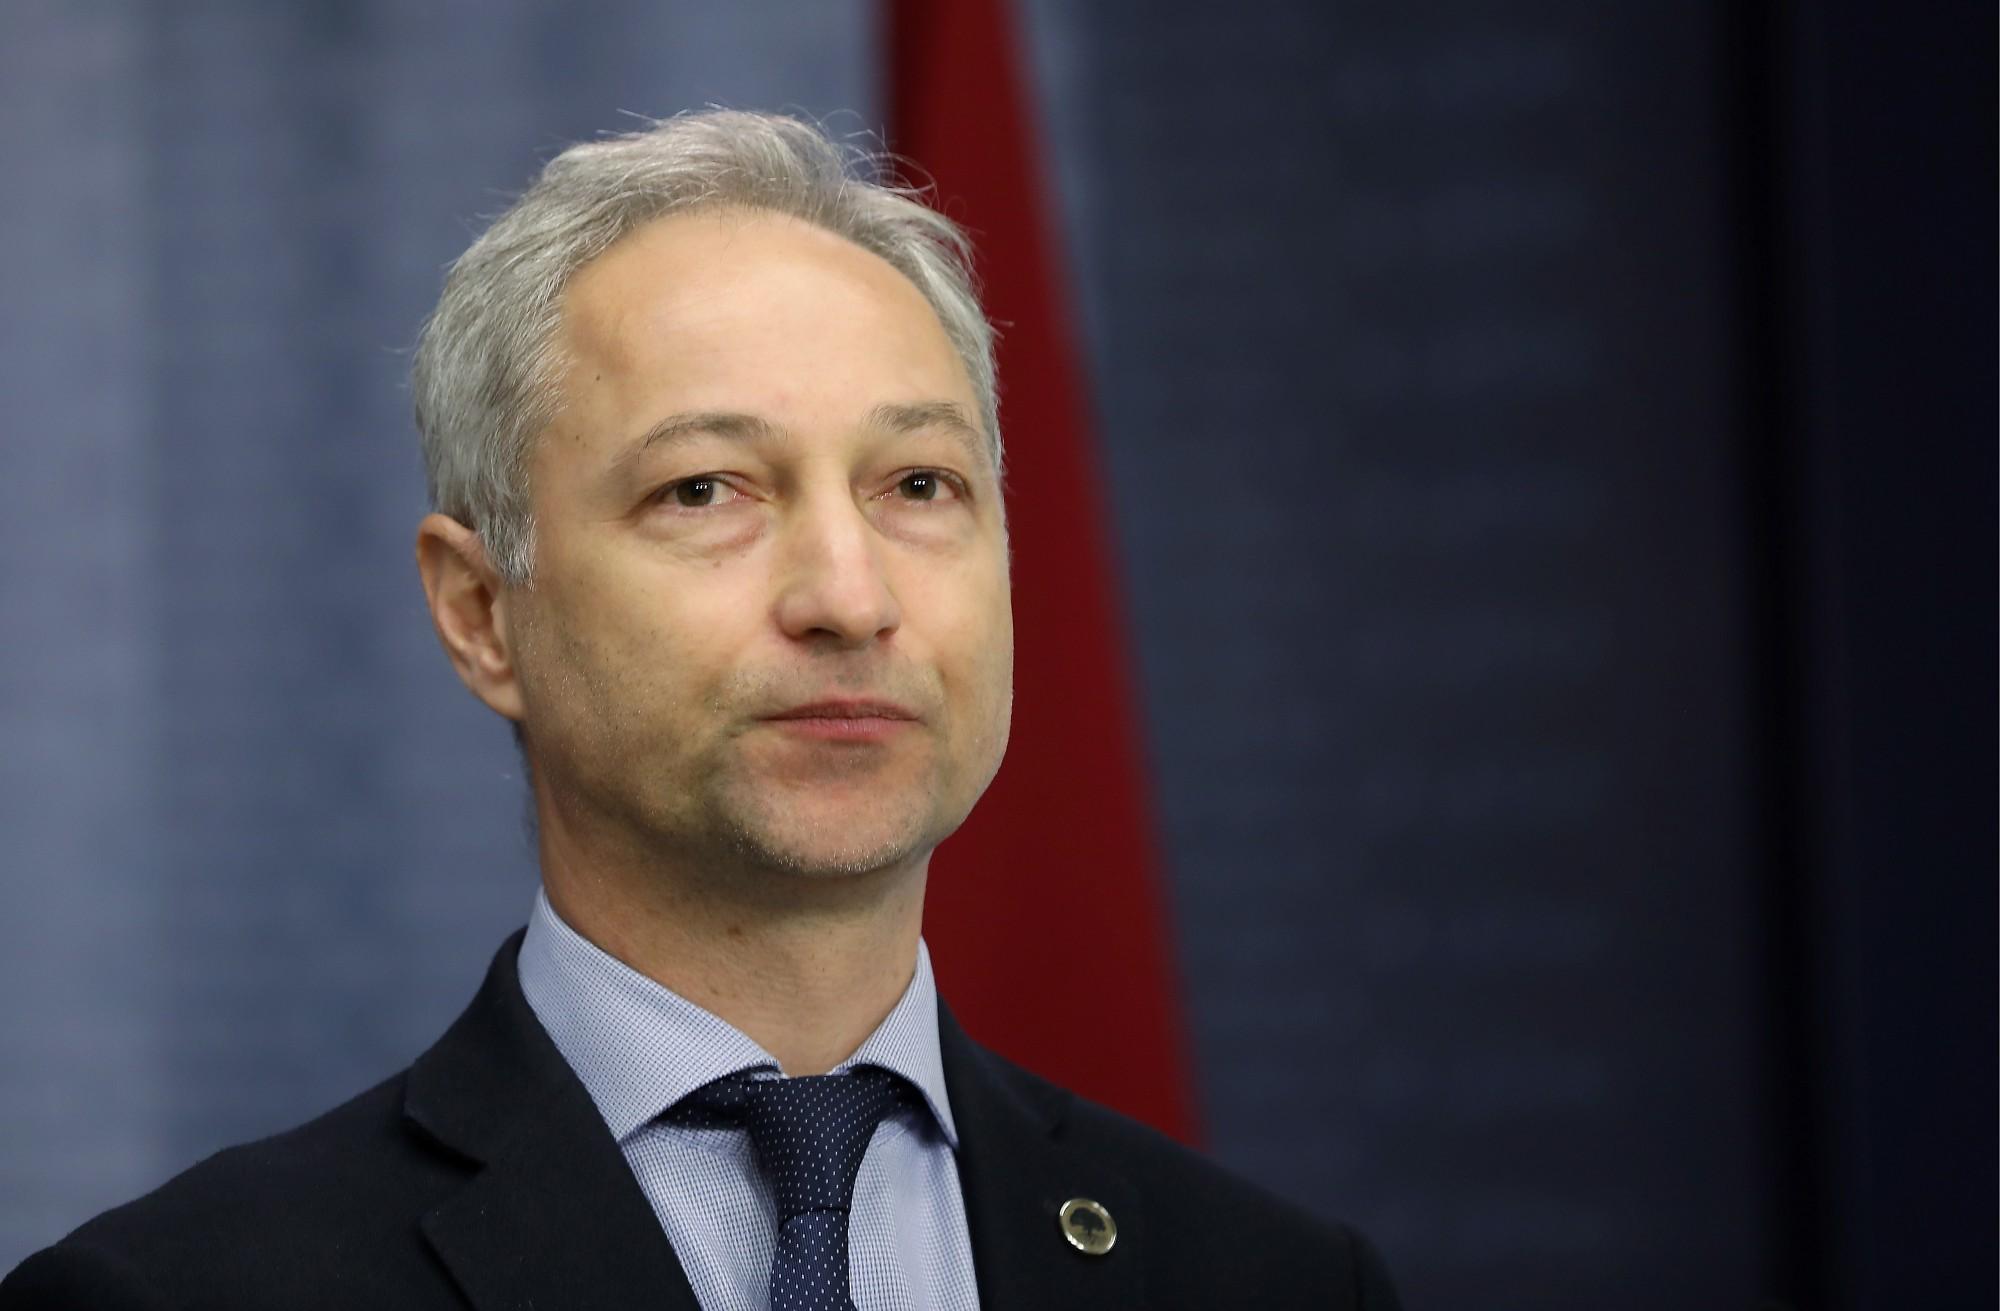 Bordāns: Liepājas cietums var kļūt par paraugu Eiropā